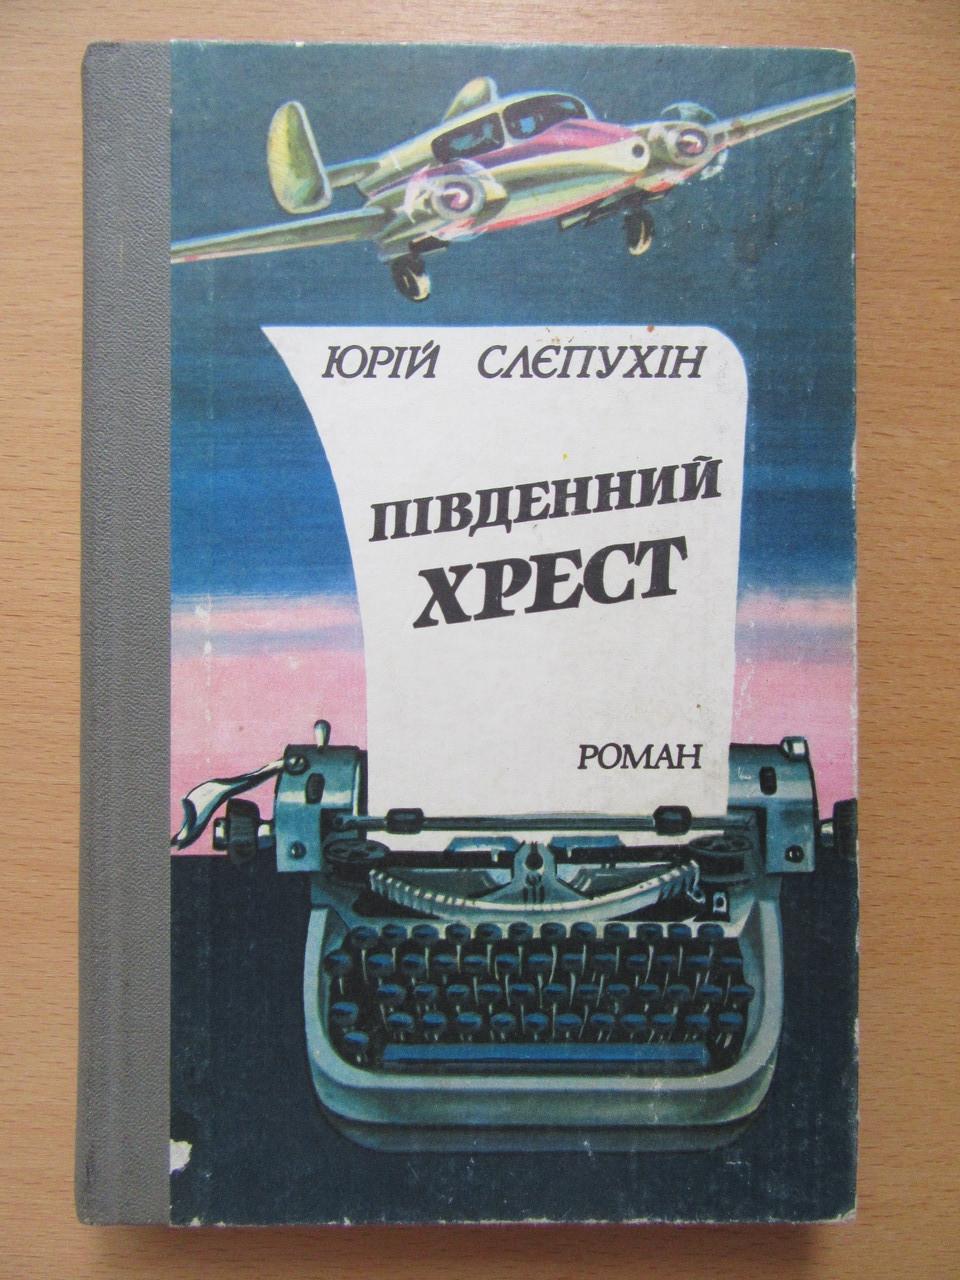 Юрий Слепухин. Южный Крест. На украинском языке